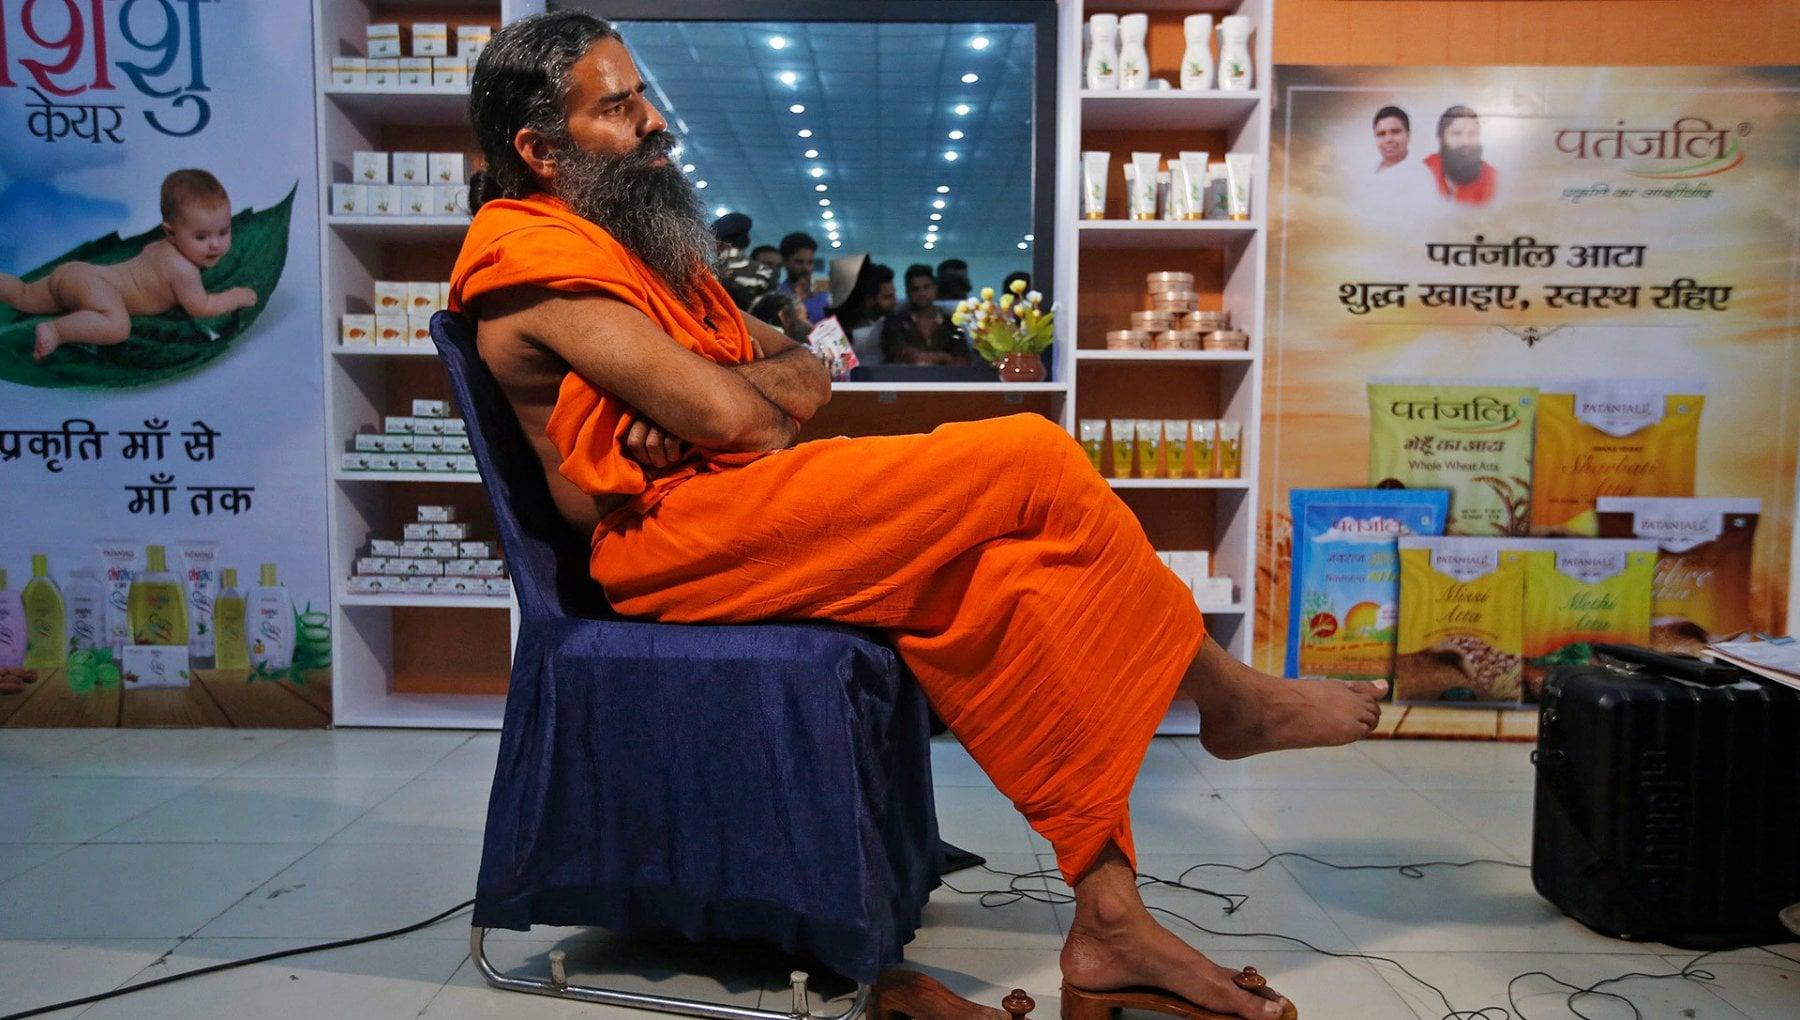 """171220751 fe17592e 1e71 4f5f ab11 9fa9a9292551 - Nell'India devastata dal Covid, un popolare guru attacca: """"I morti? Colpa delle medicine"""""""